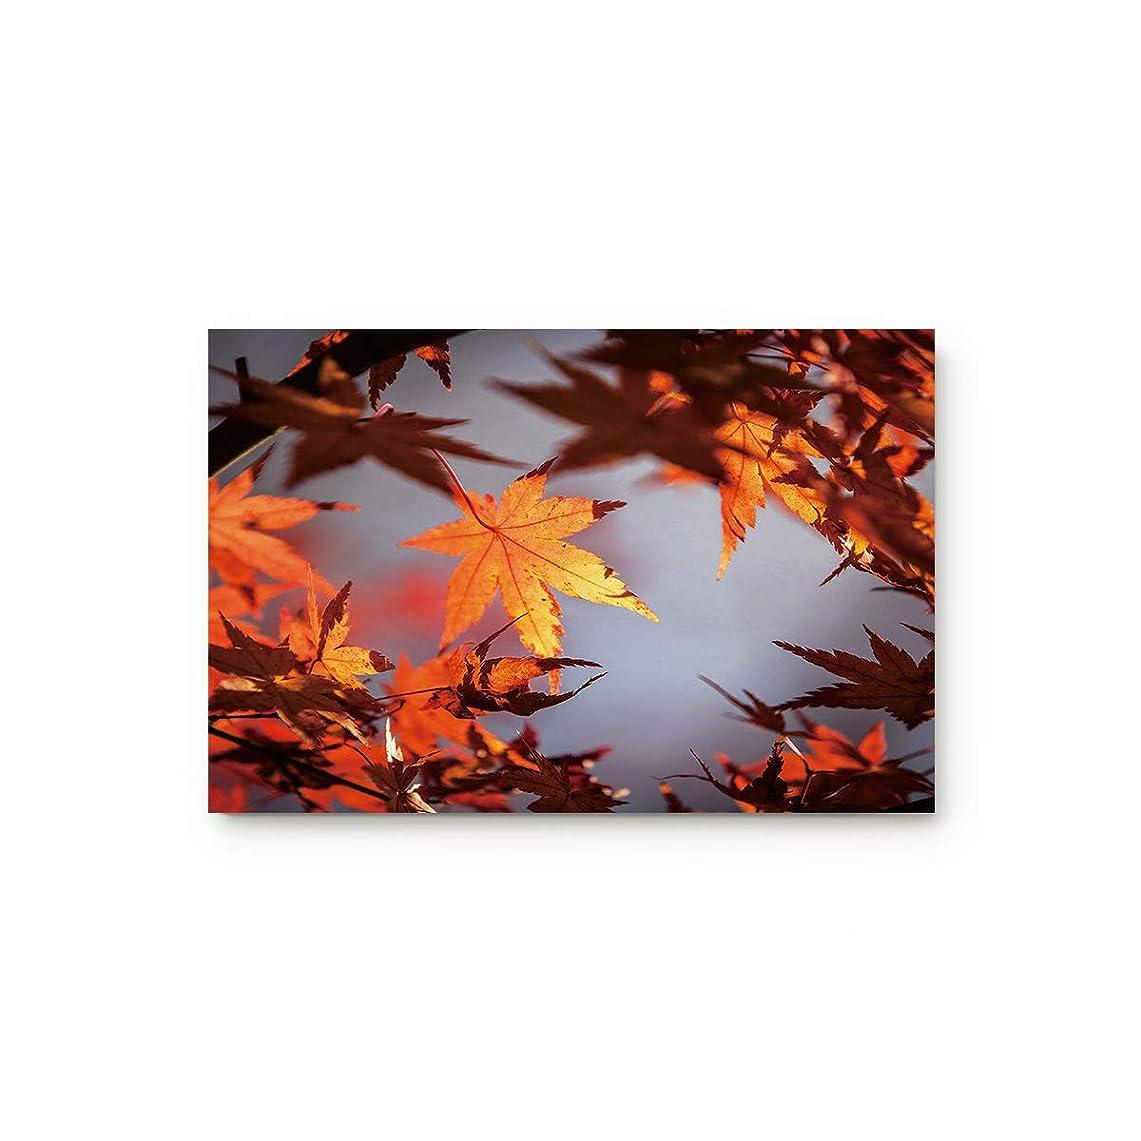 計算可能配管工新しさCloud Dream Home 秋の落ちるカエデの葉 ドアマット キッチン 床 バス 玄関 ラグ マット 吸収性 室内 バスルーム 装飾 ドアマット ゴム 滑り止め オレンジ 40.64cm x 60.96cm 20